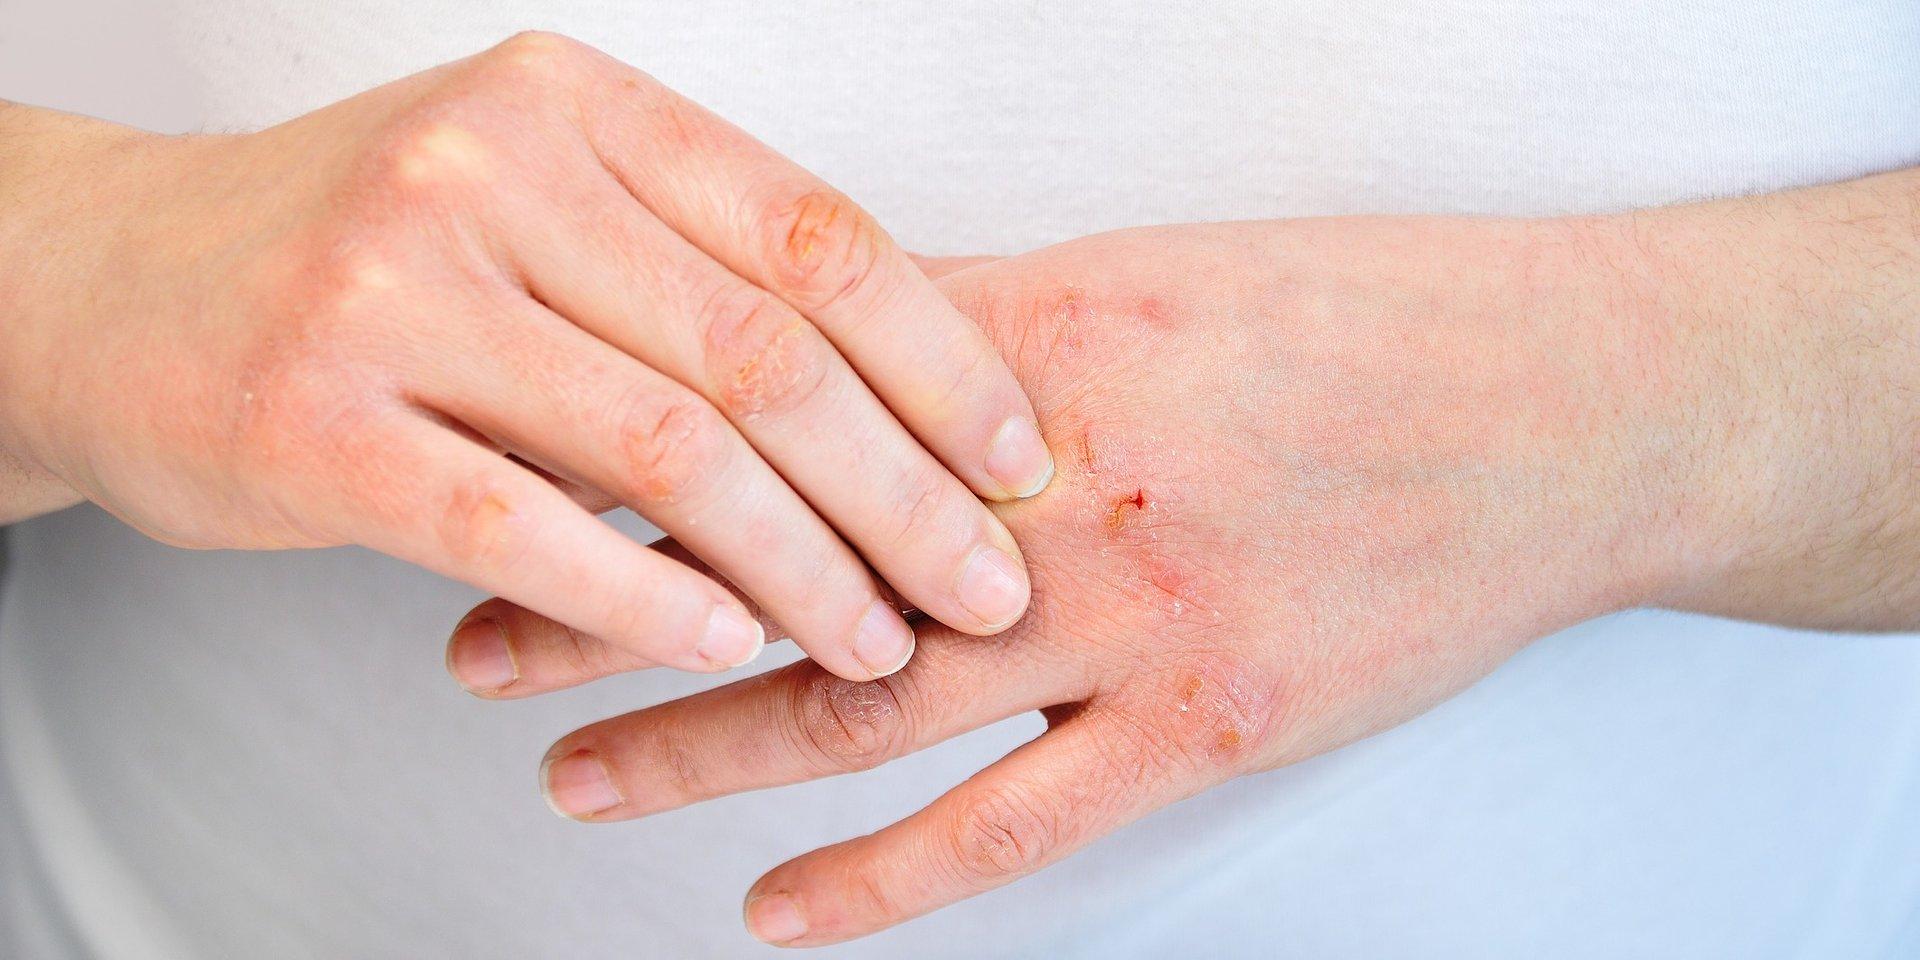 Spracowane dłonie służby zdrowia. Jak dbać o skórę, gdy niezbędna jest nieustanna dezynfekcja?